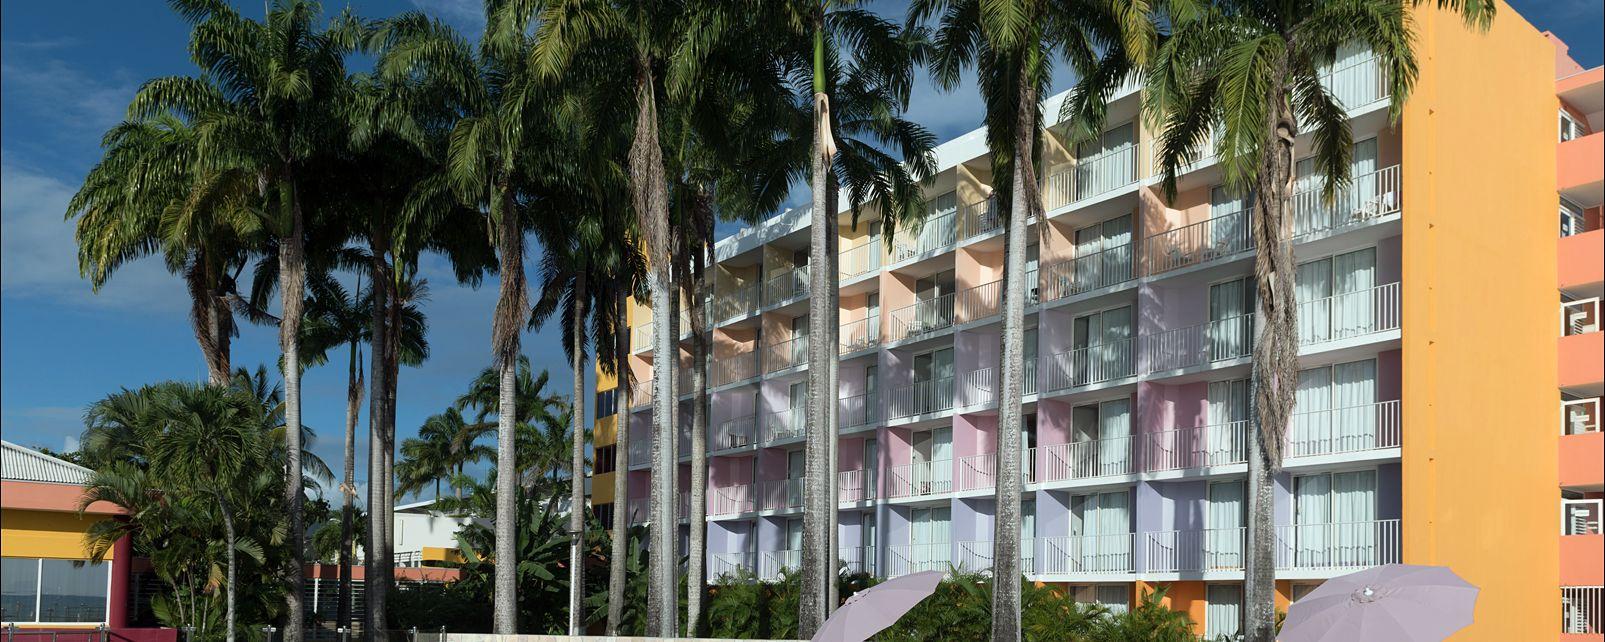 Hôtel Karibéa Le Prao